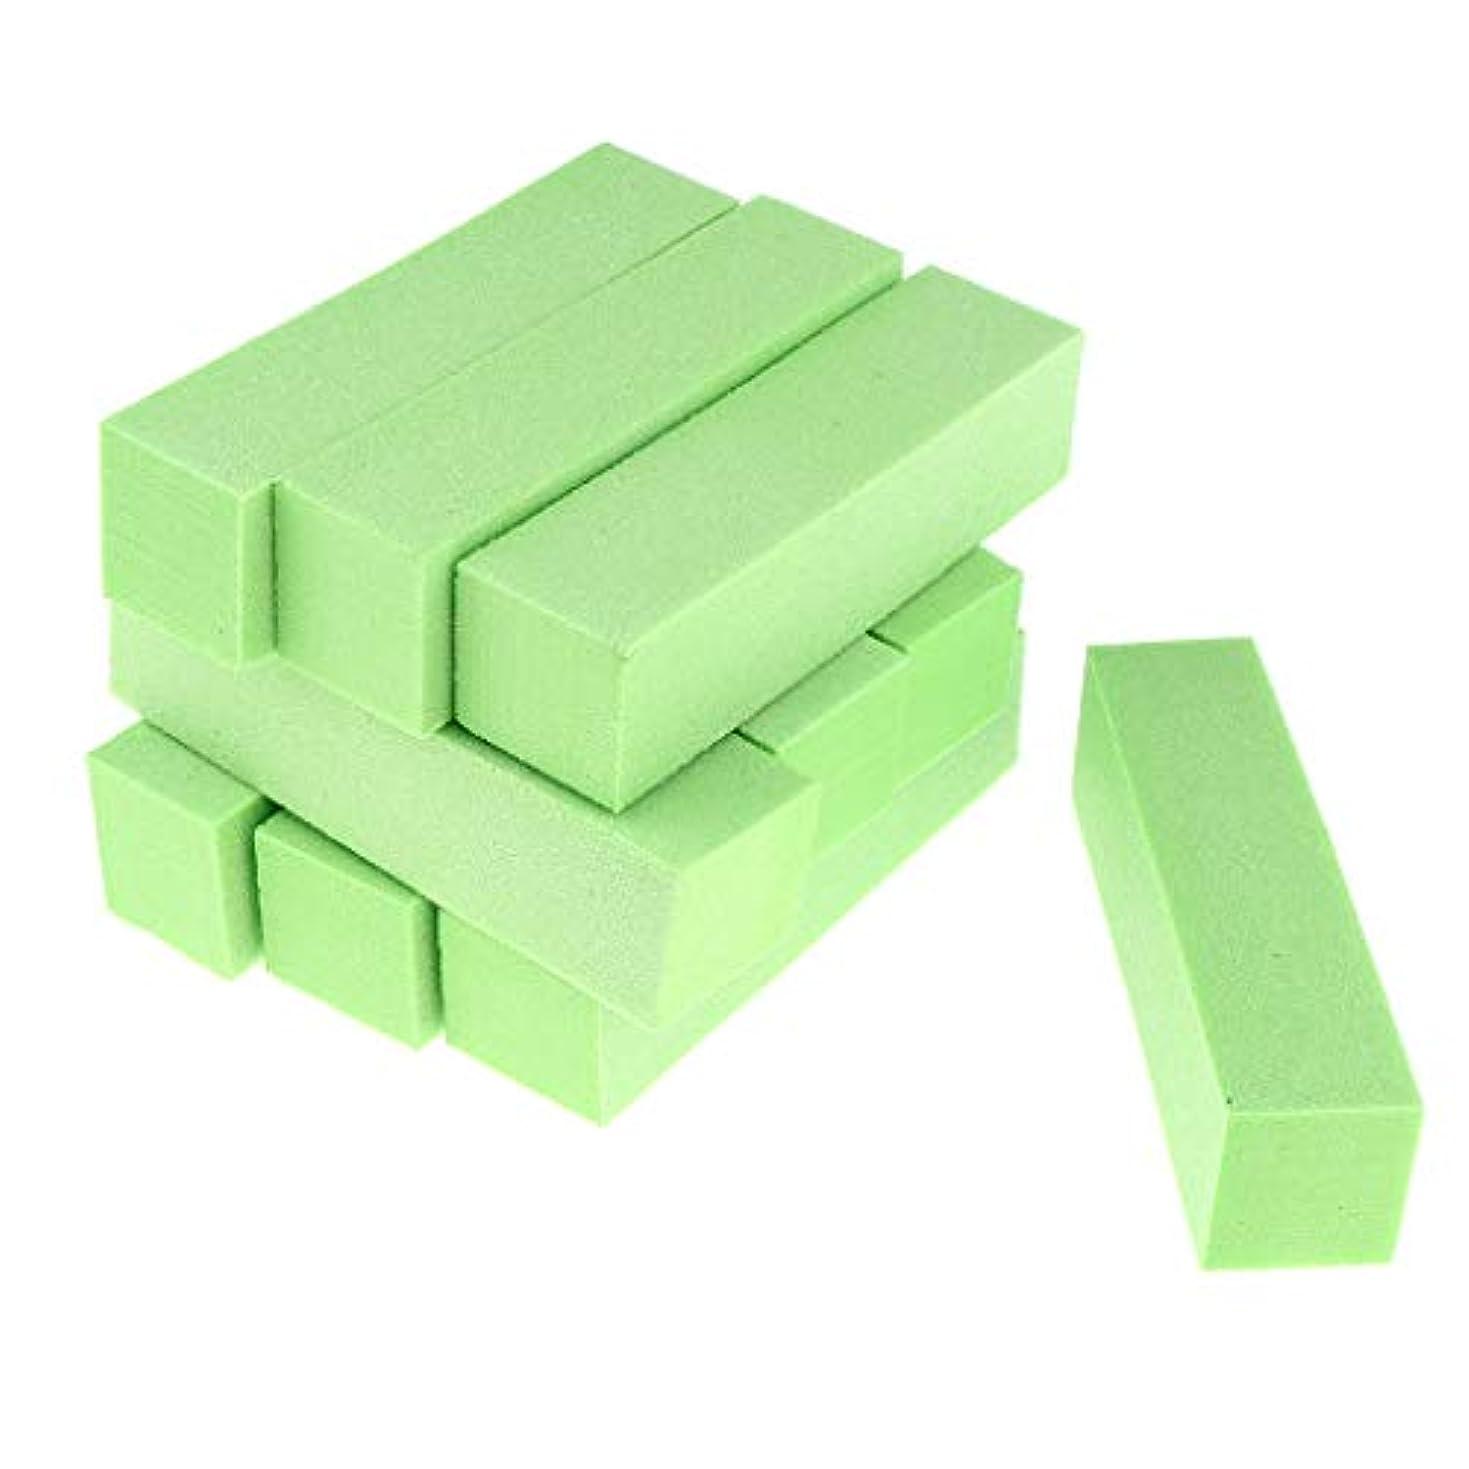 煩わしい謎ペンダントToygogo 両面ネイルバッファーネイルシャイナースポンジネイルファイルサンディングブロック-ソフト&シルキー、10個-作成された滑らかで美しいネイル - 緑